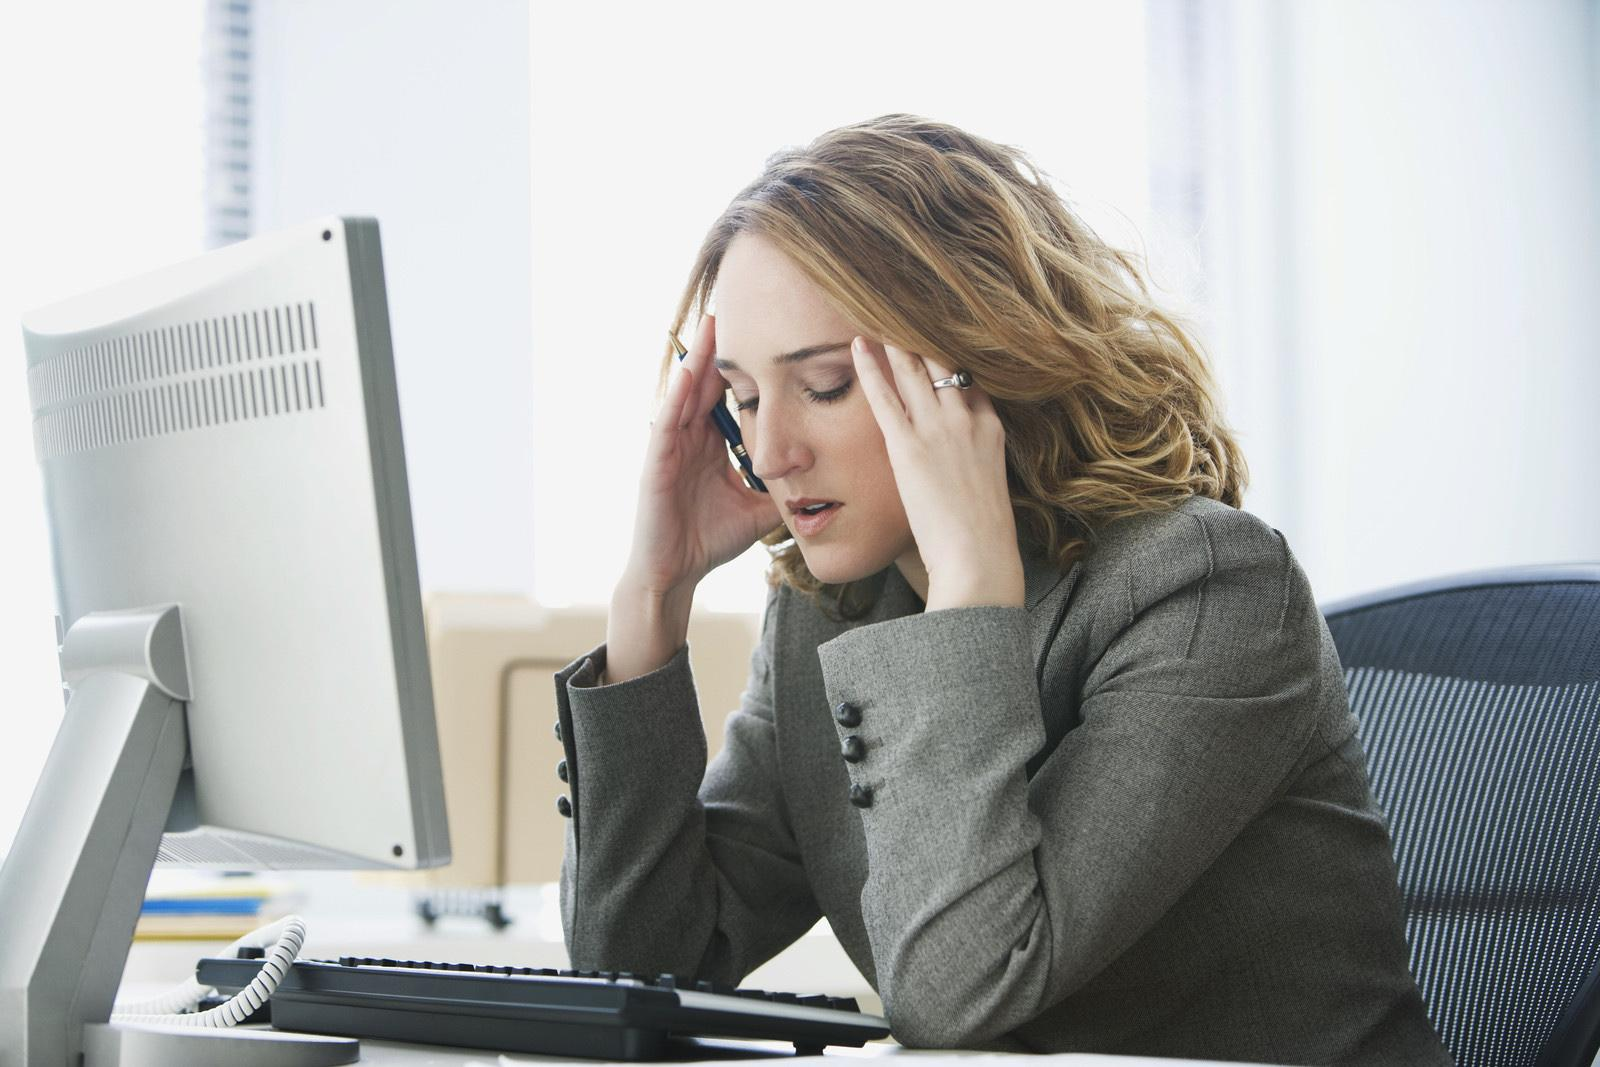 Que Doenças Provoca o Estresse?